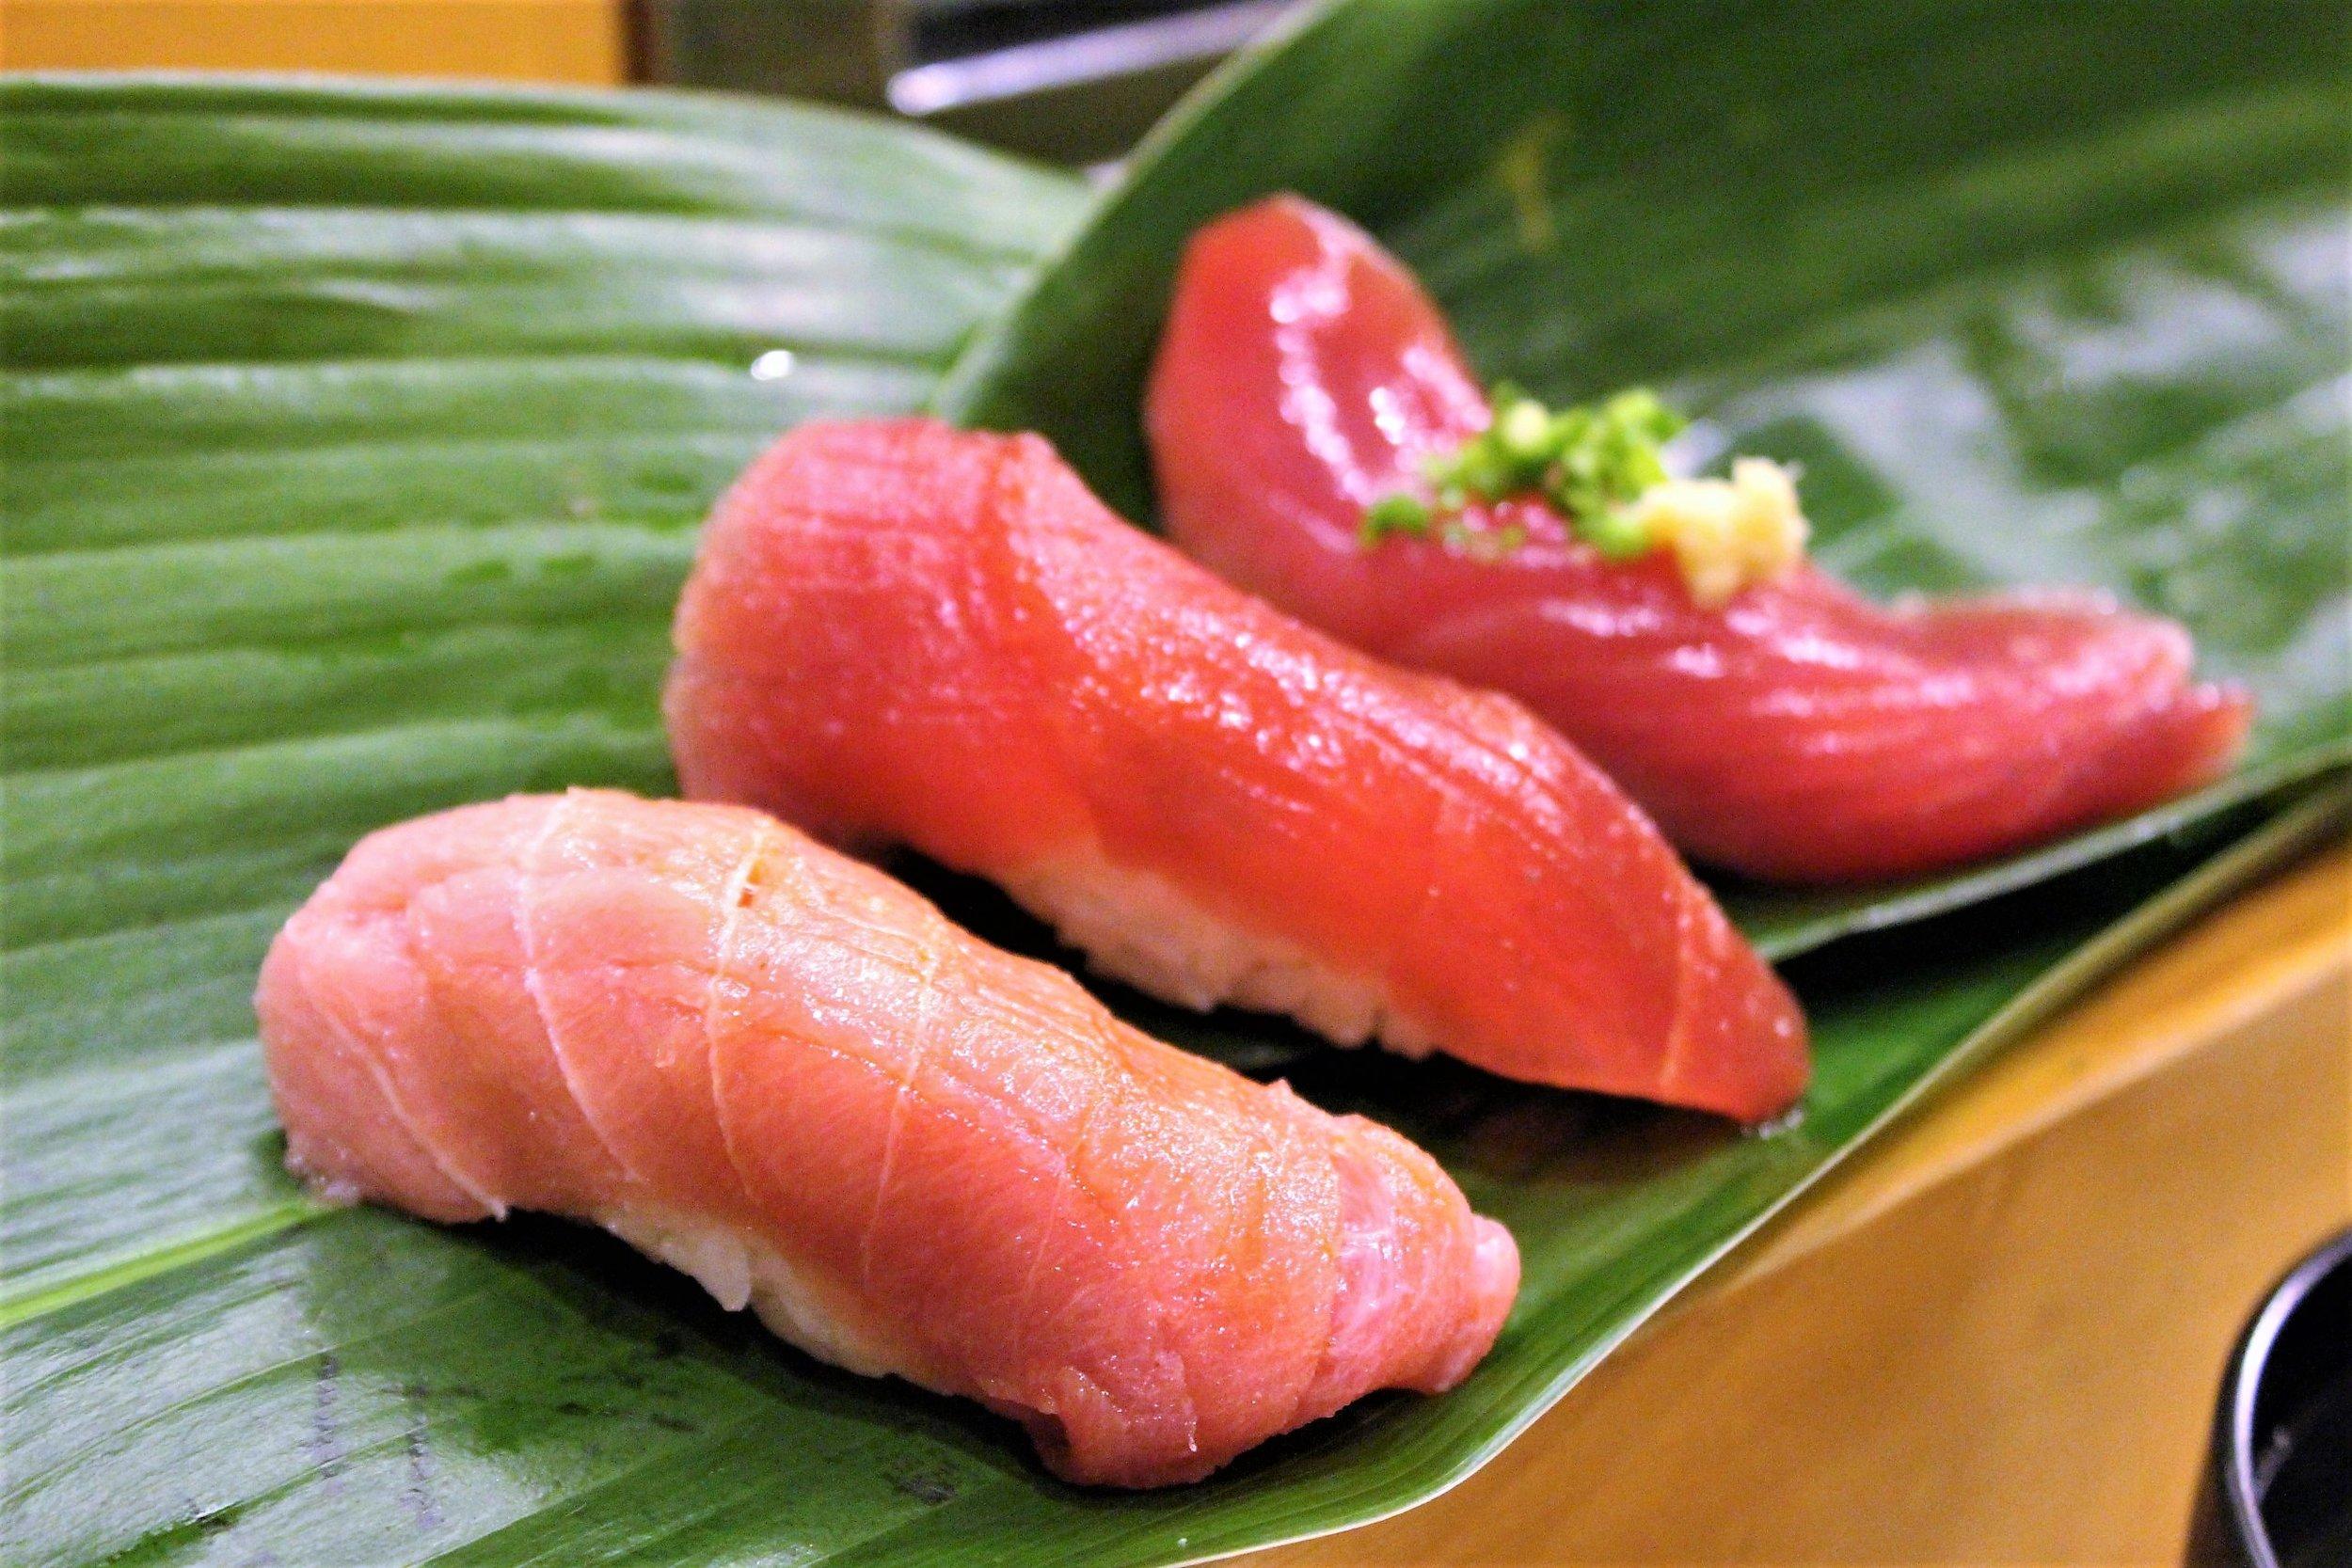 Chutoro, Maguro, Bonito Fish at Yamazaki in Tokyo, Japan